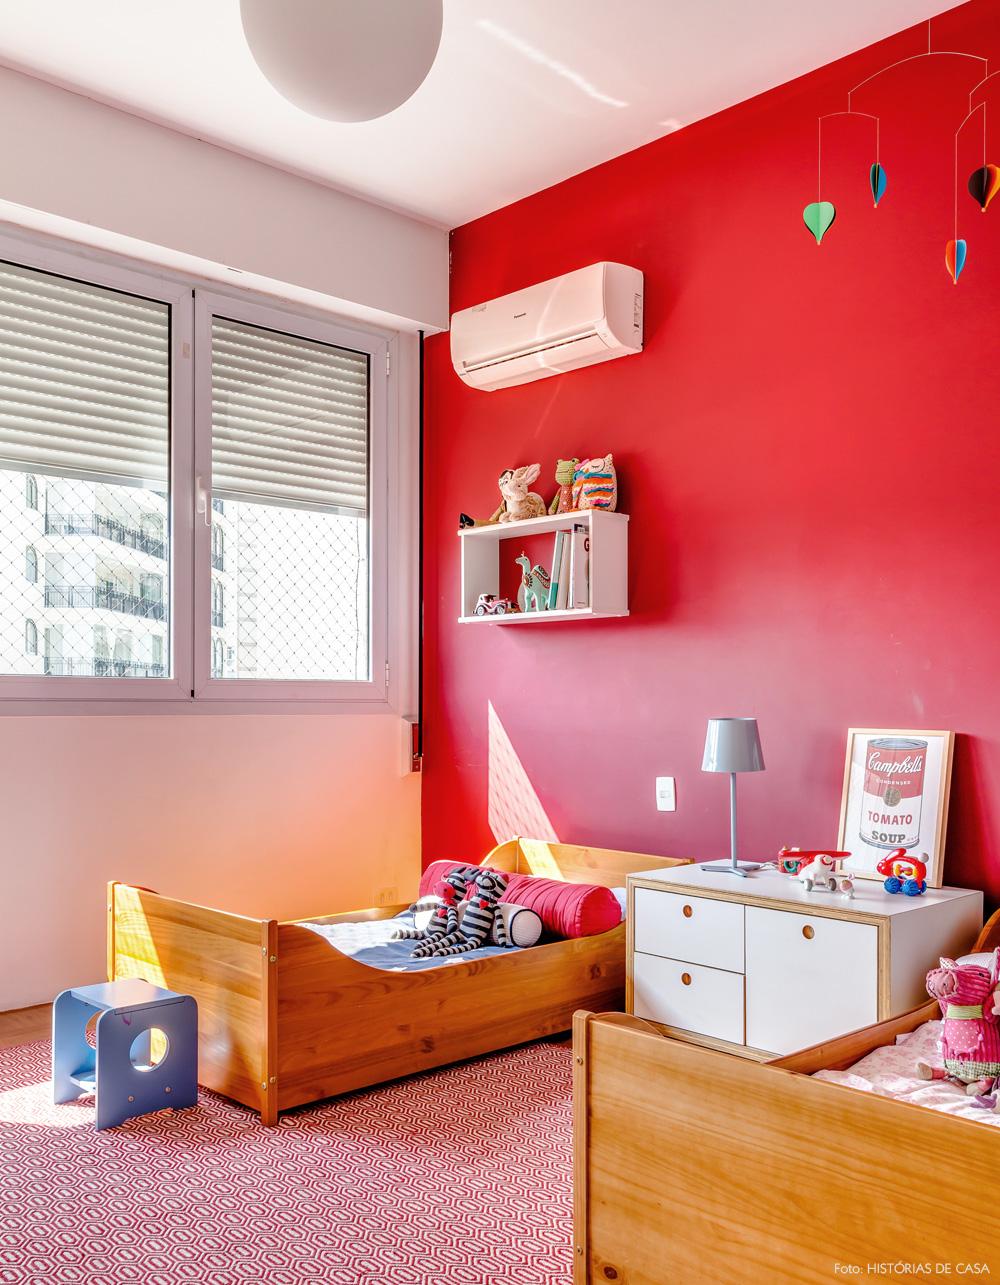 27-decoracao-quarto-crianca-irmaos-parede-vermelha